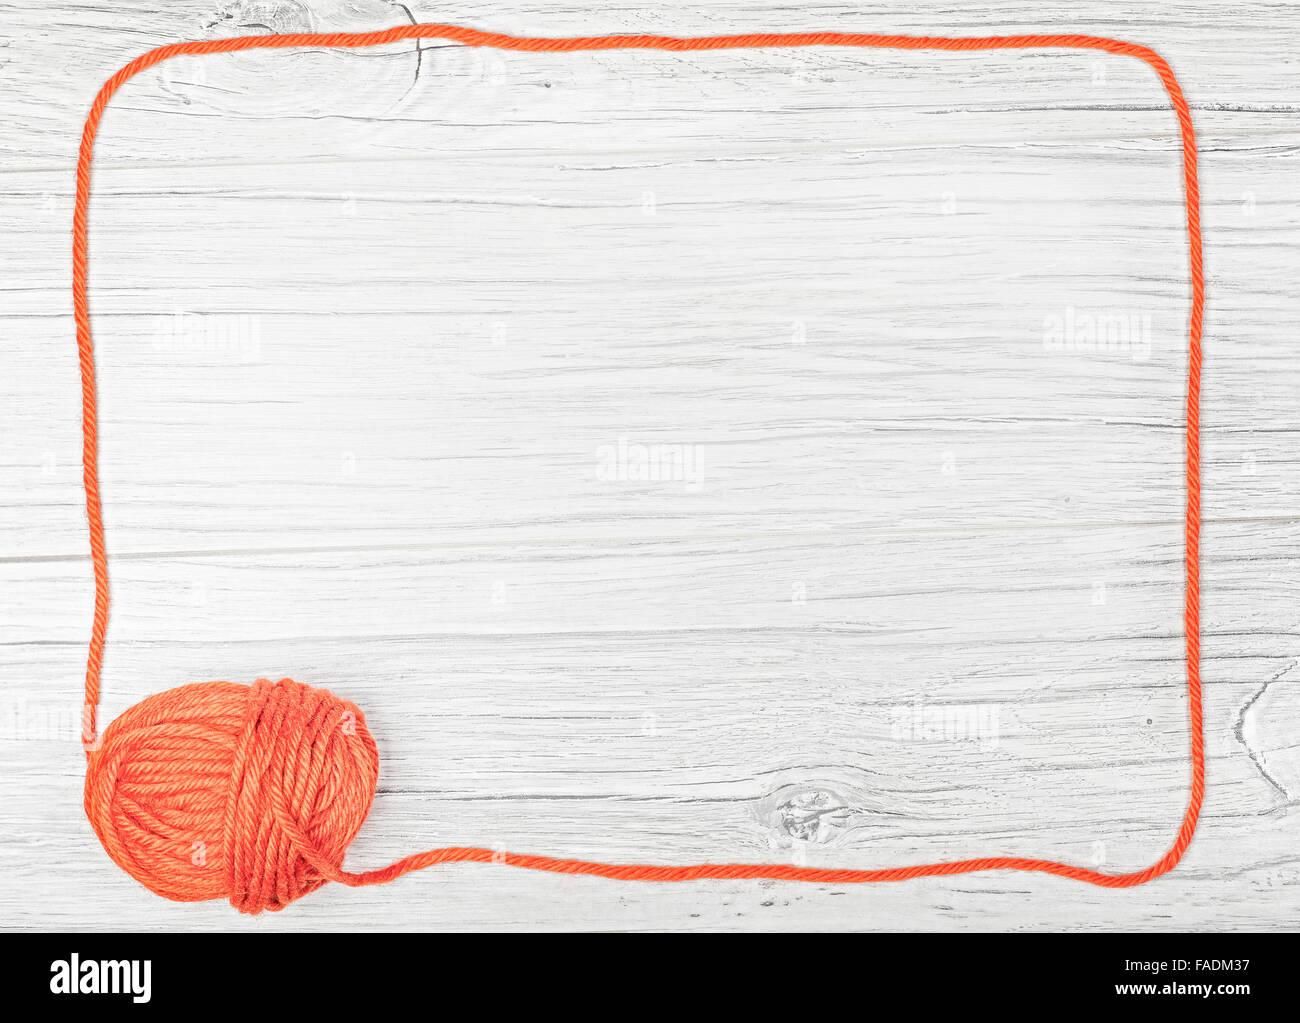 Roter Rahmen hergestellt aus Garn auf Holzbrett, Hintergrund mit ...